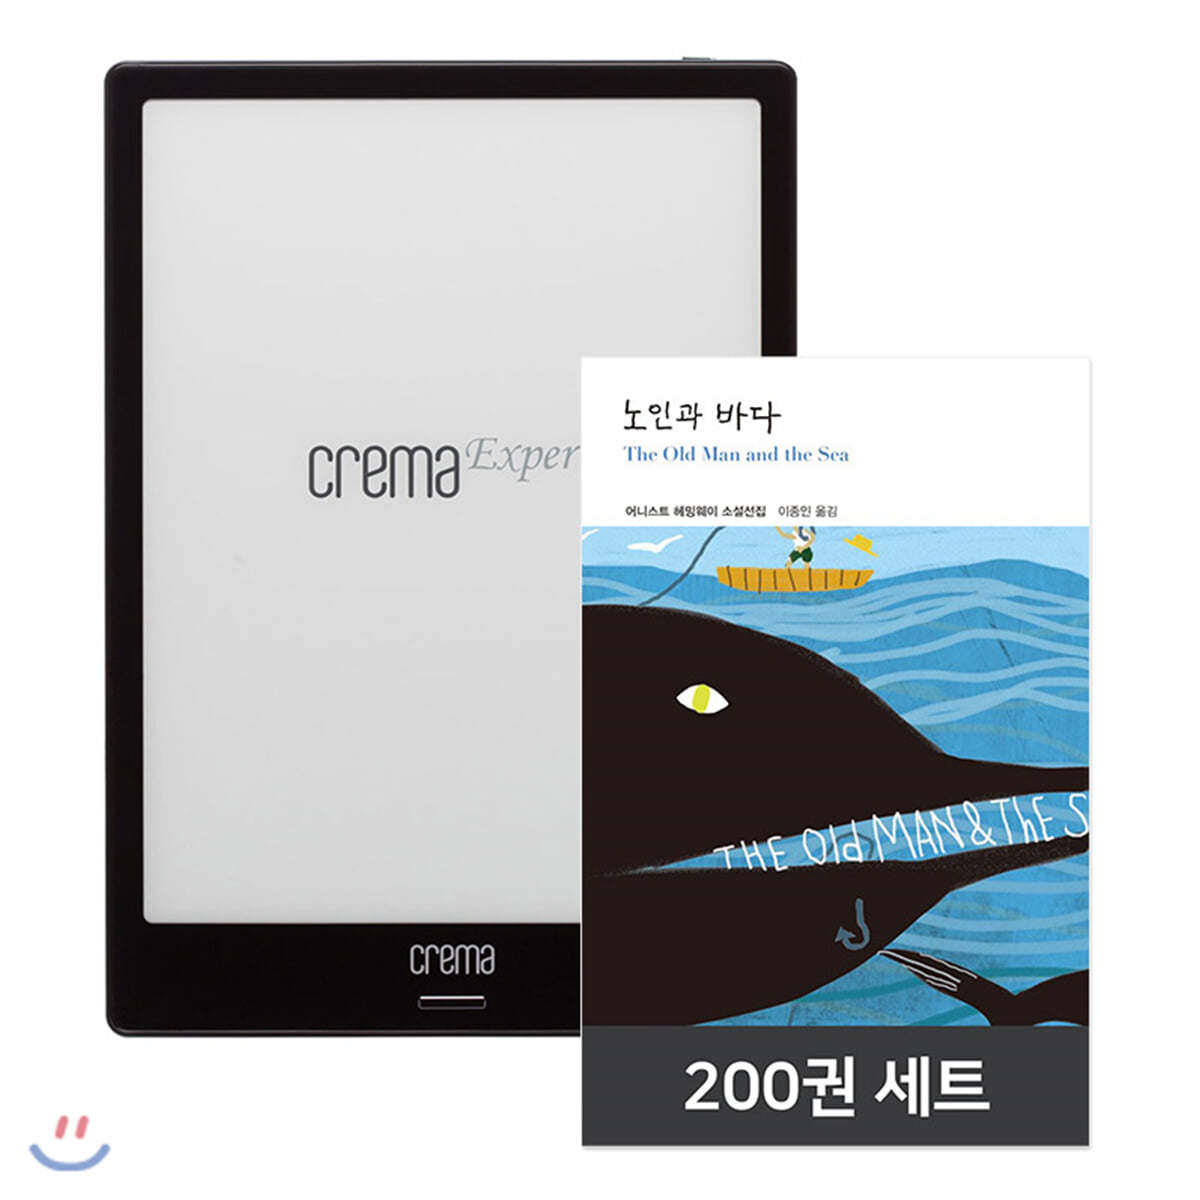 예스24 크레마 엑스퍼트 (crema expert) + [열린책들 세계문학 200권] eBook 세트